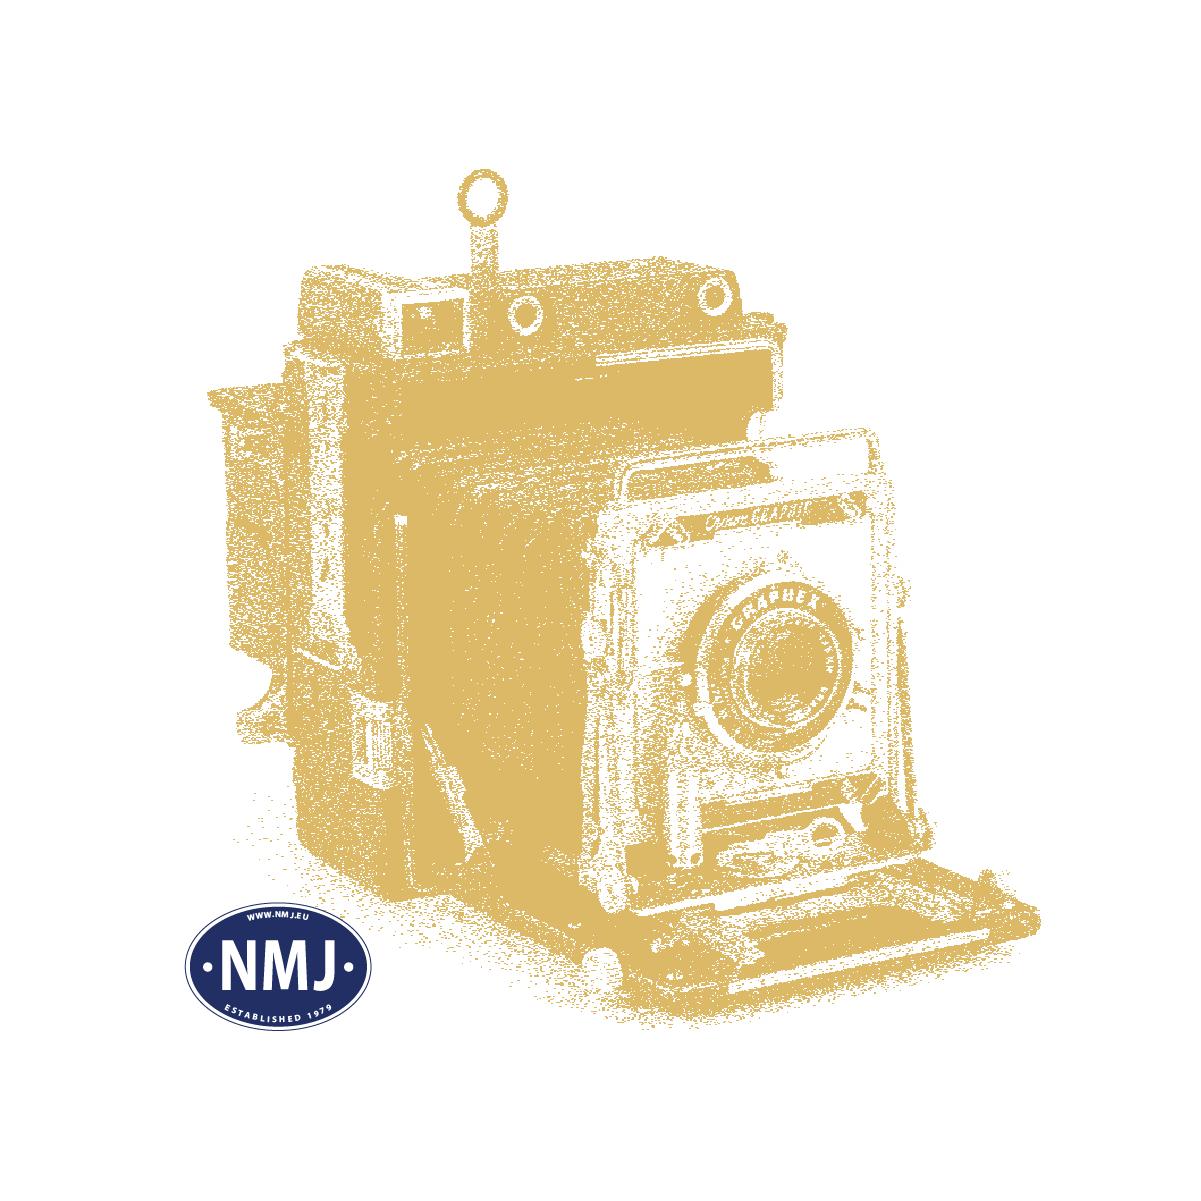 NMJT132.101 - NMJ Topline NSB B4 25956, Gammeldesign